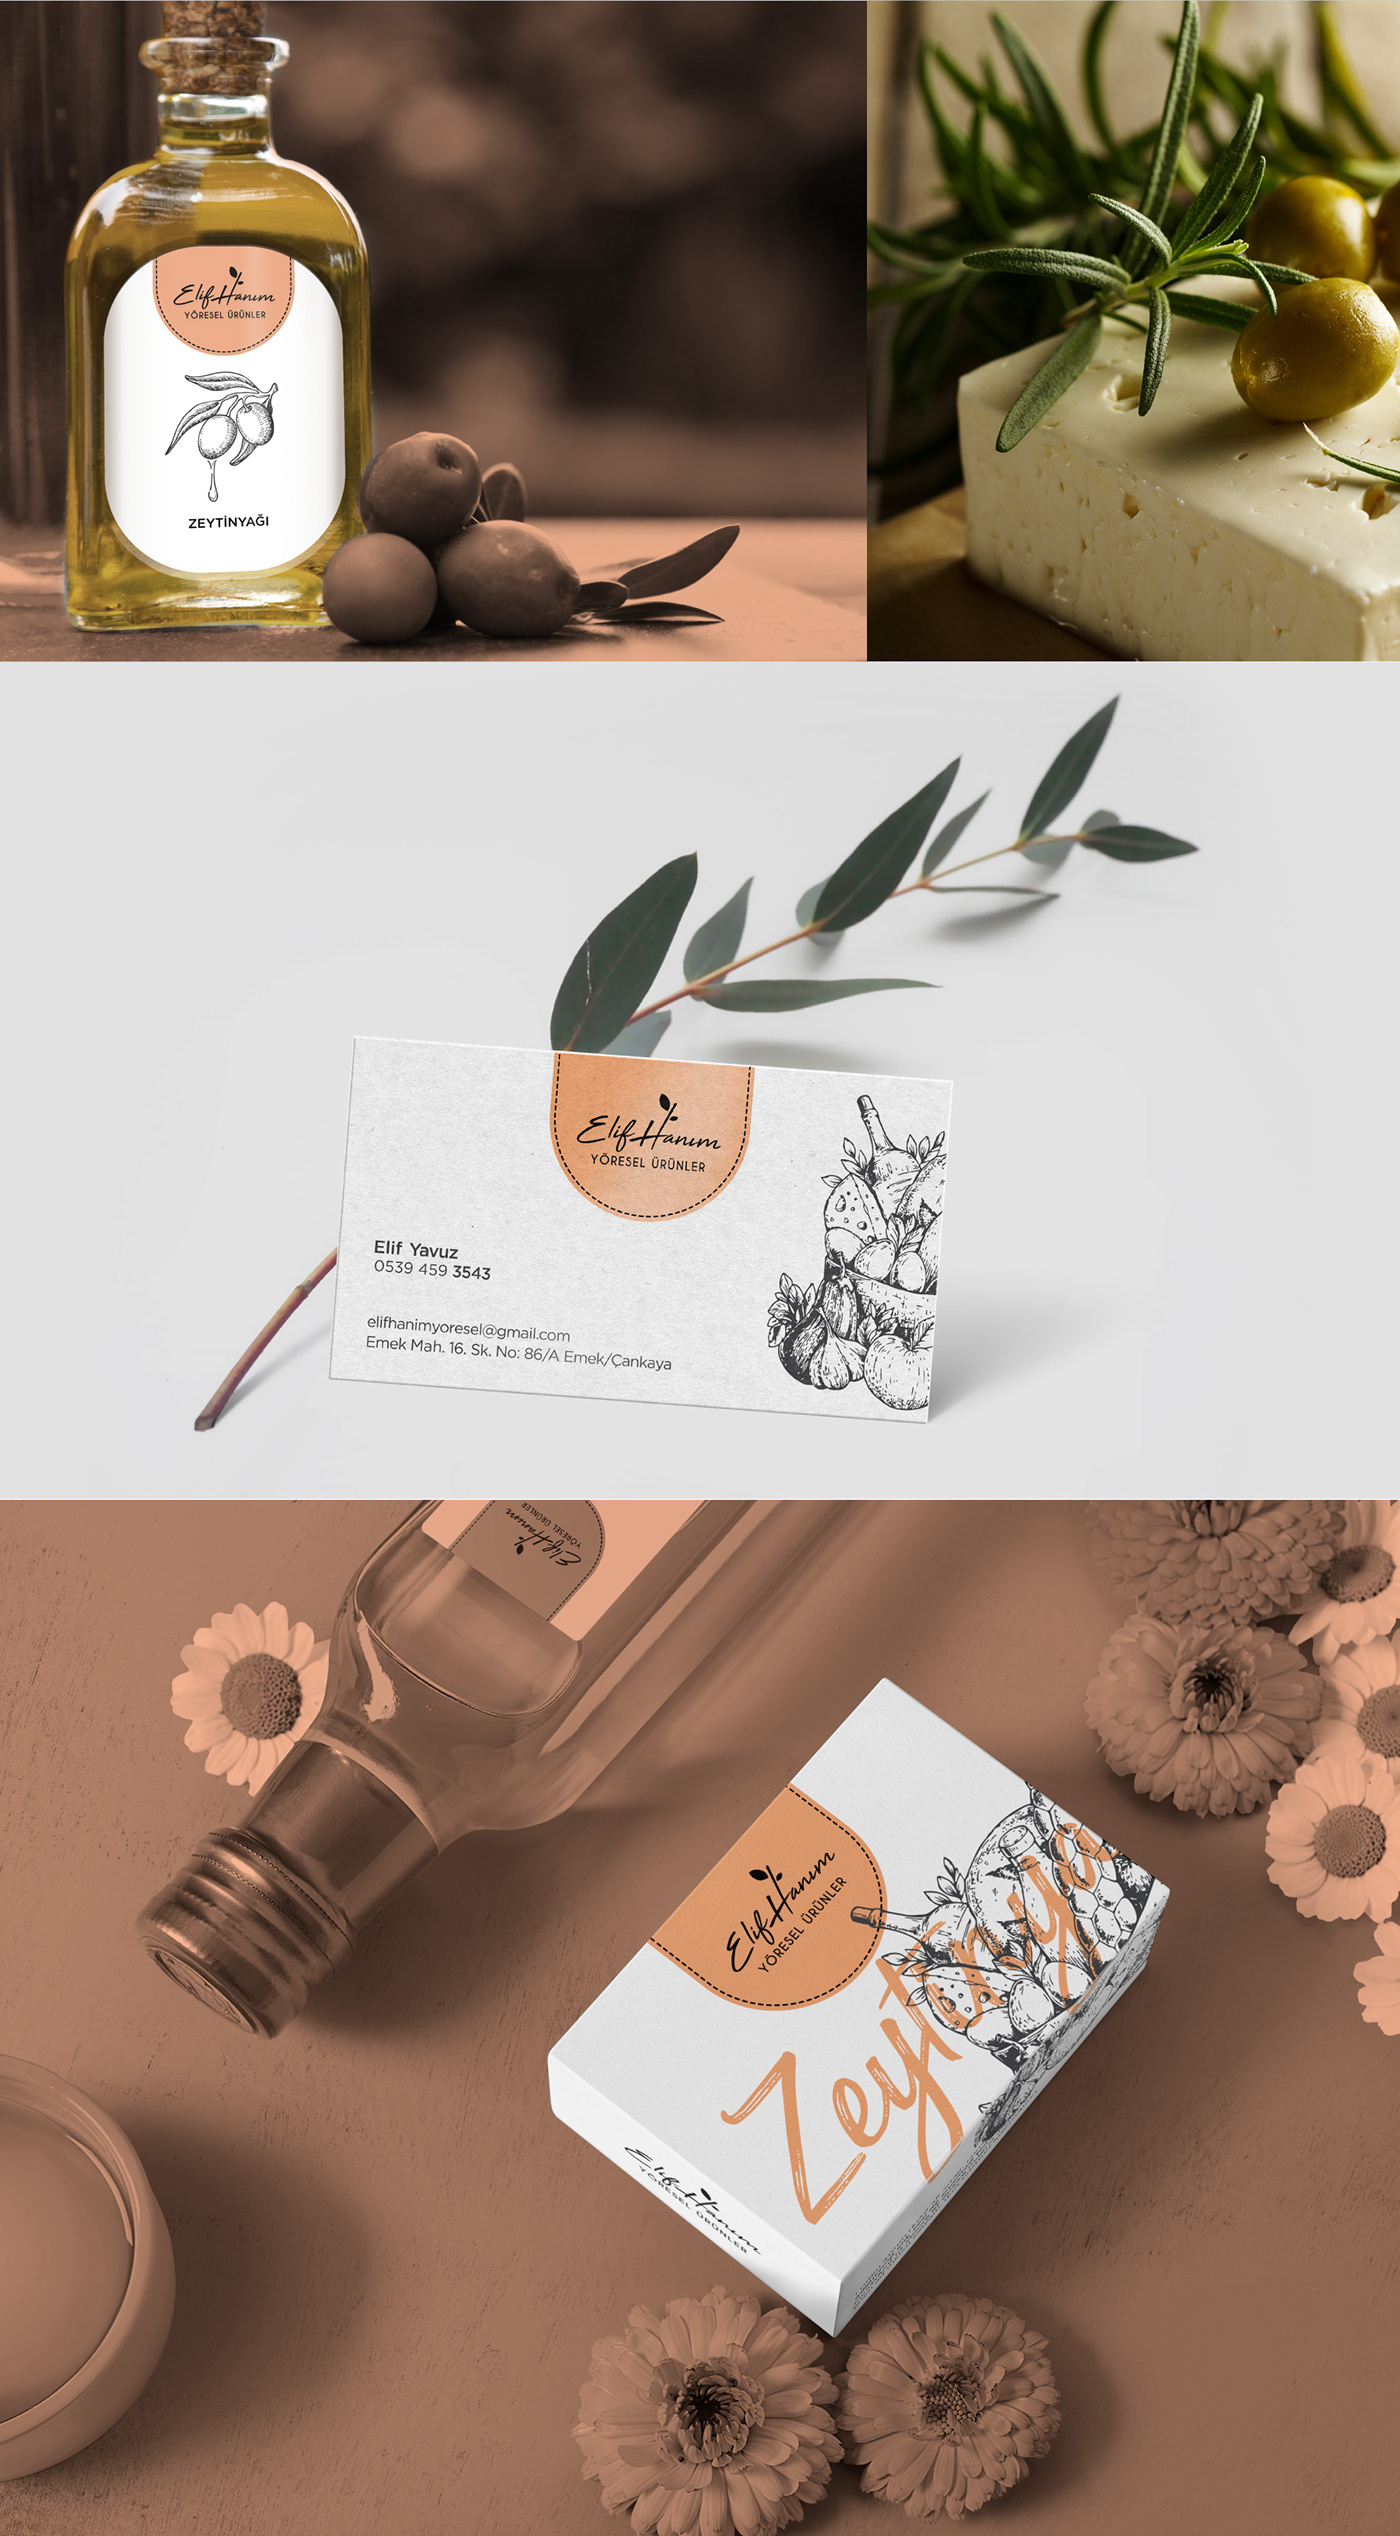 logo organic Food  brand Label jam olive oil market shop